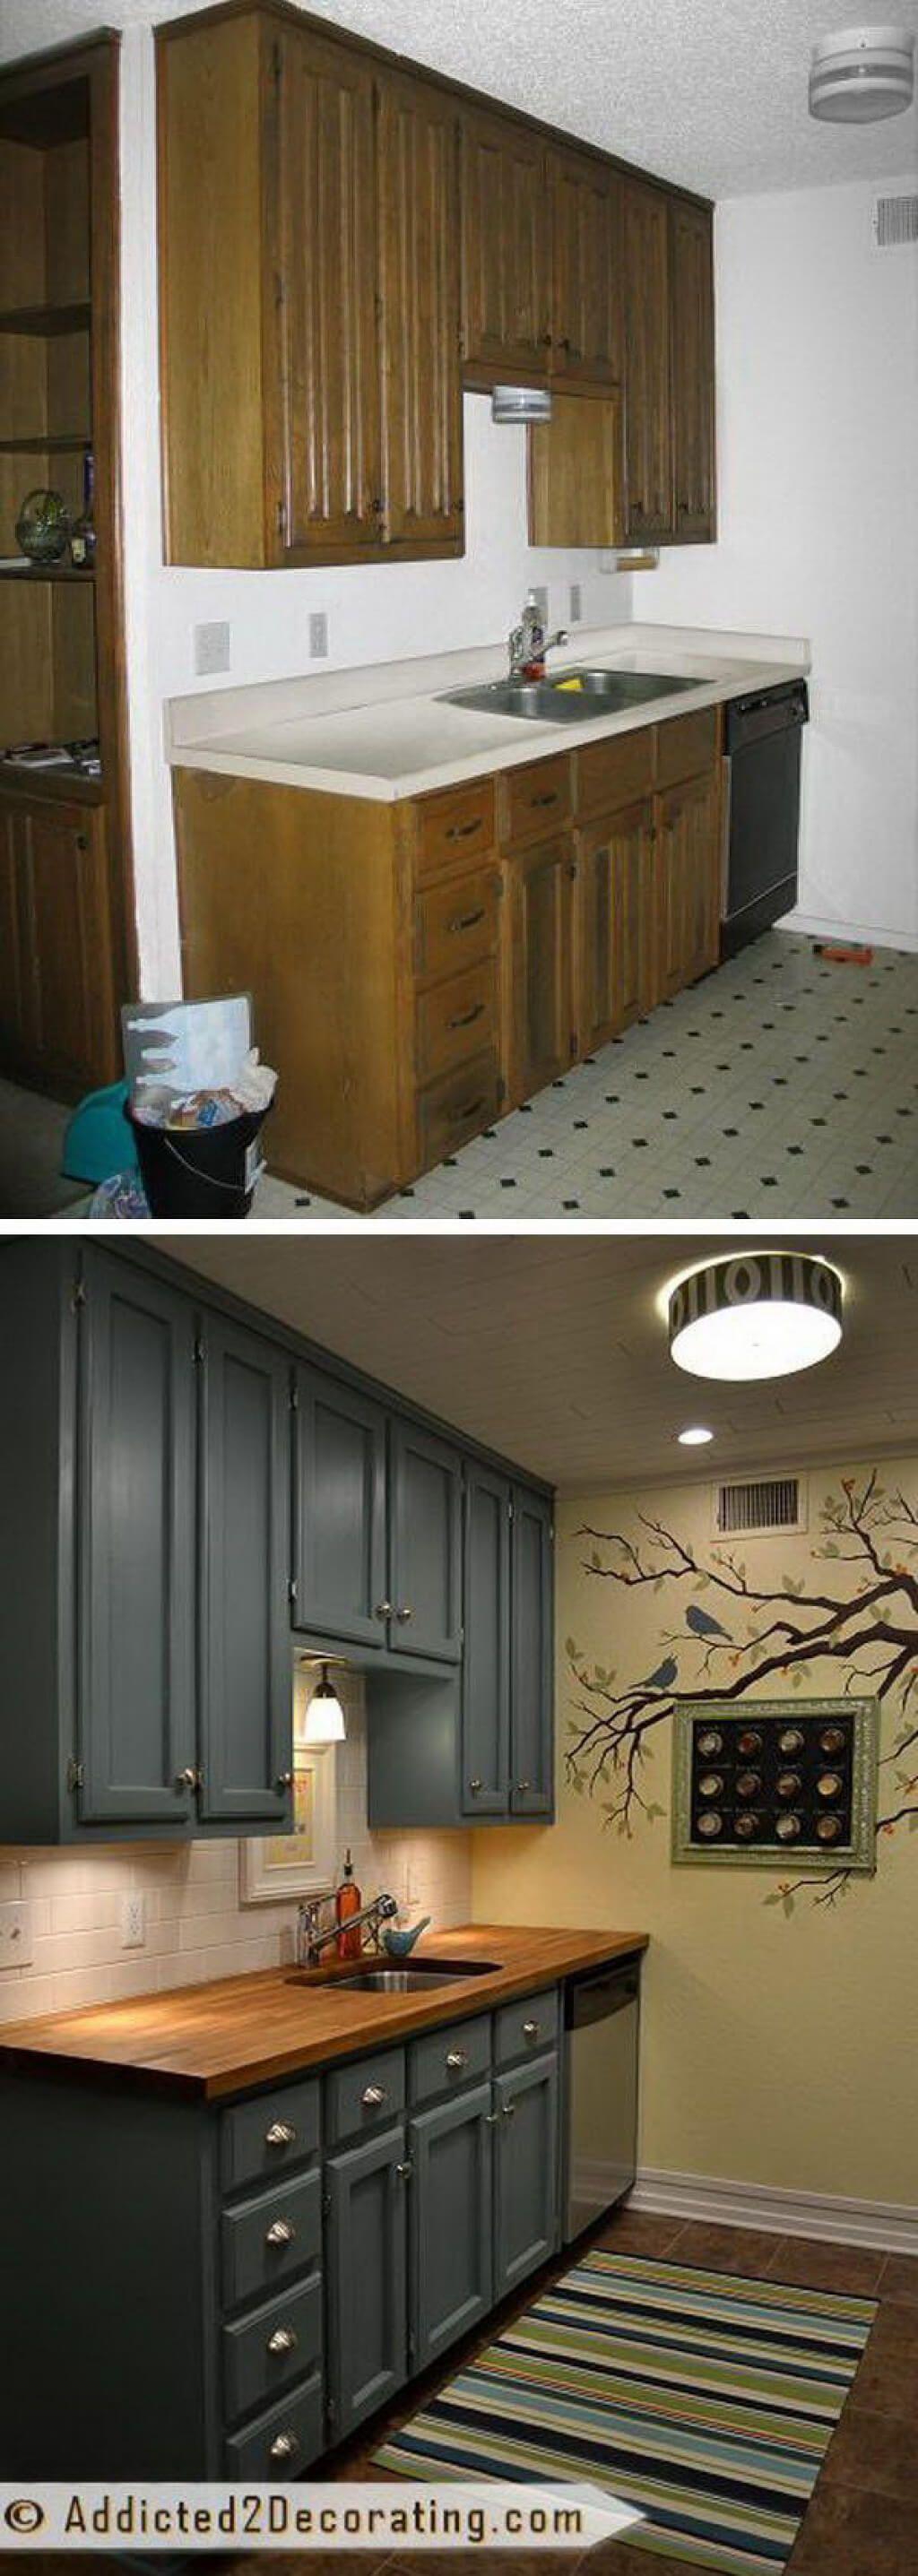 A Dark Vintage Design With Sandy Tiled Floors Cheap Home Decor